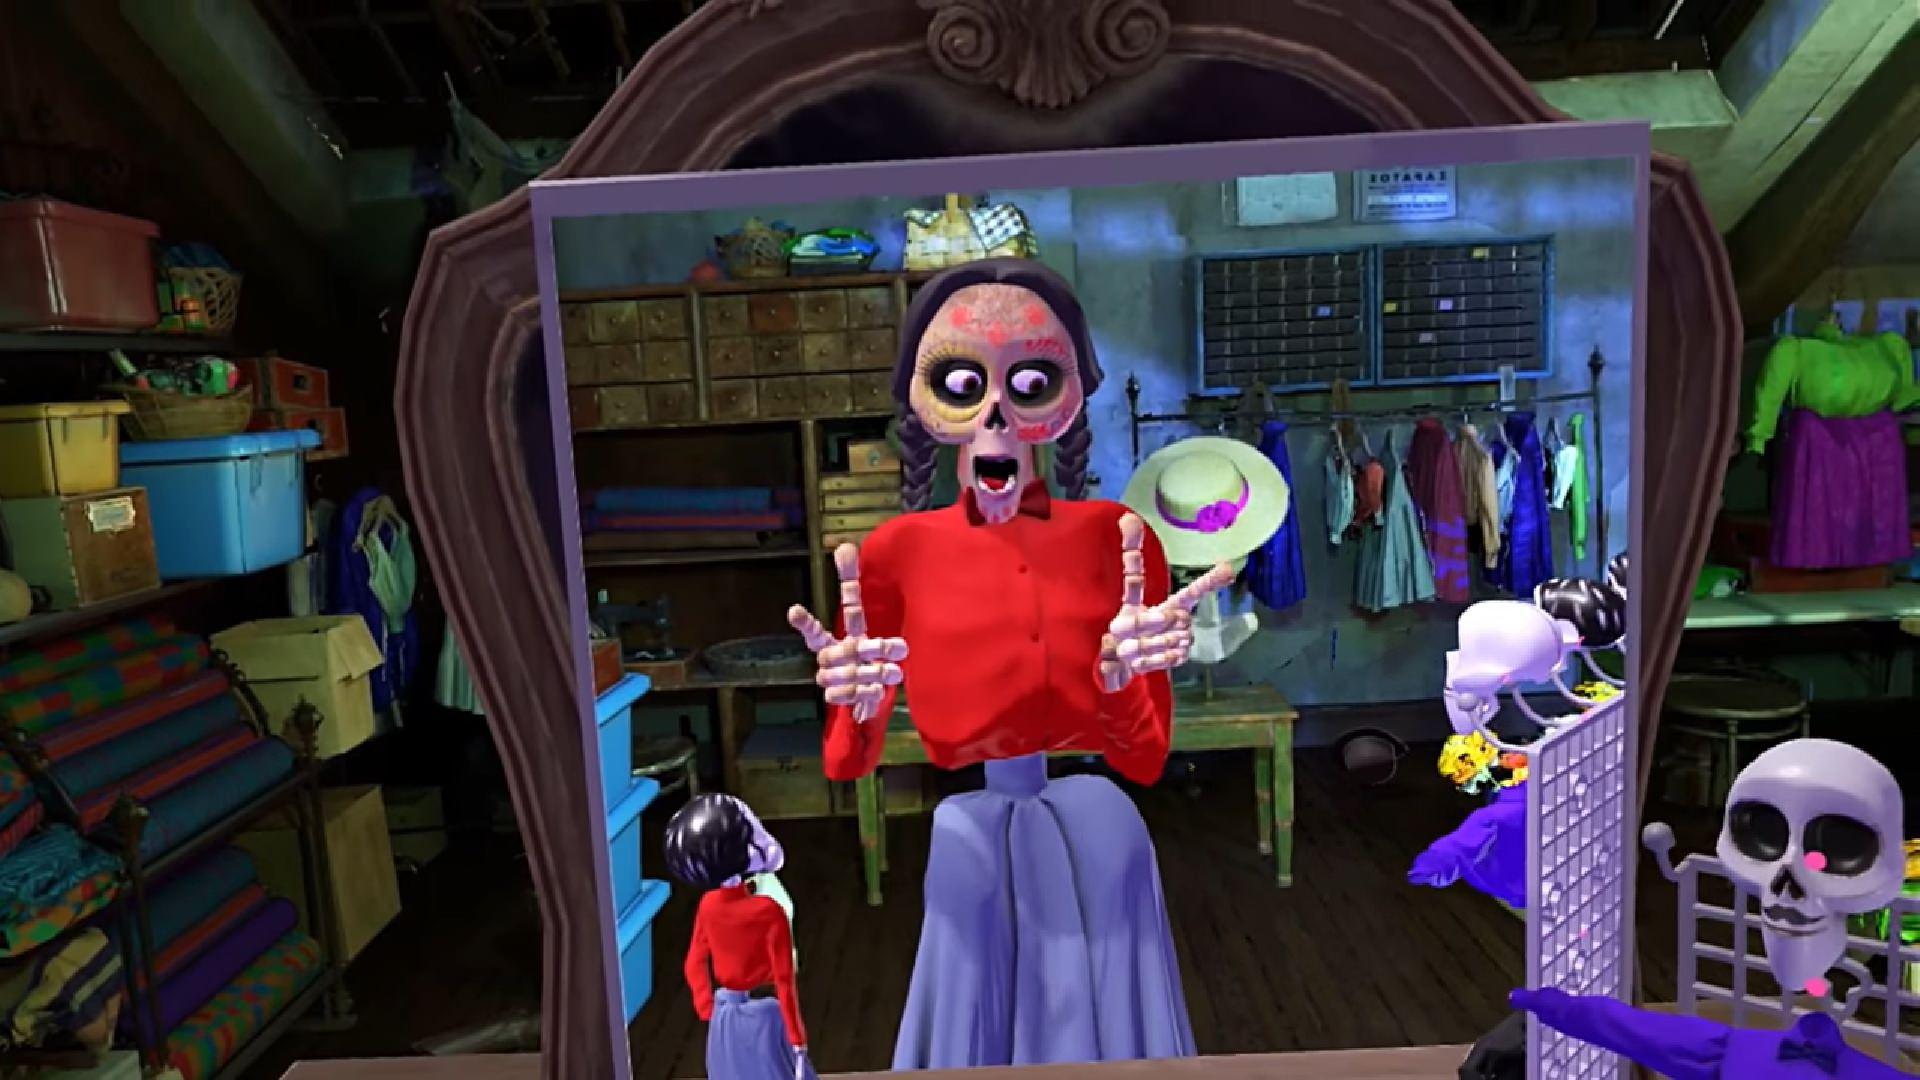 Pixar โปรโมทหนังใหม่ Coco ด้วย VR แปลงร่างเป็นโครงกระดูกสำรวจโลกหลังความตาย